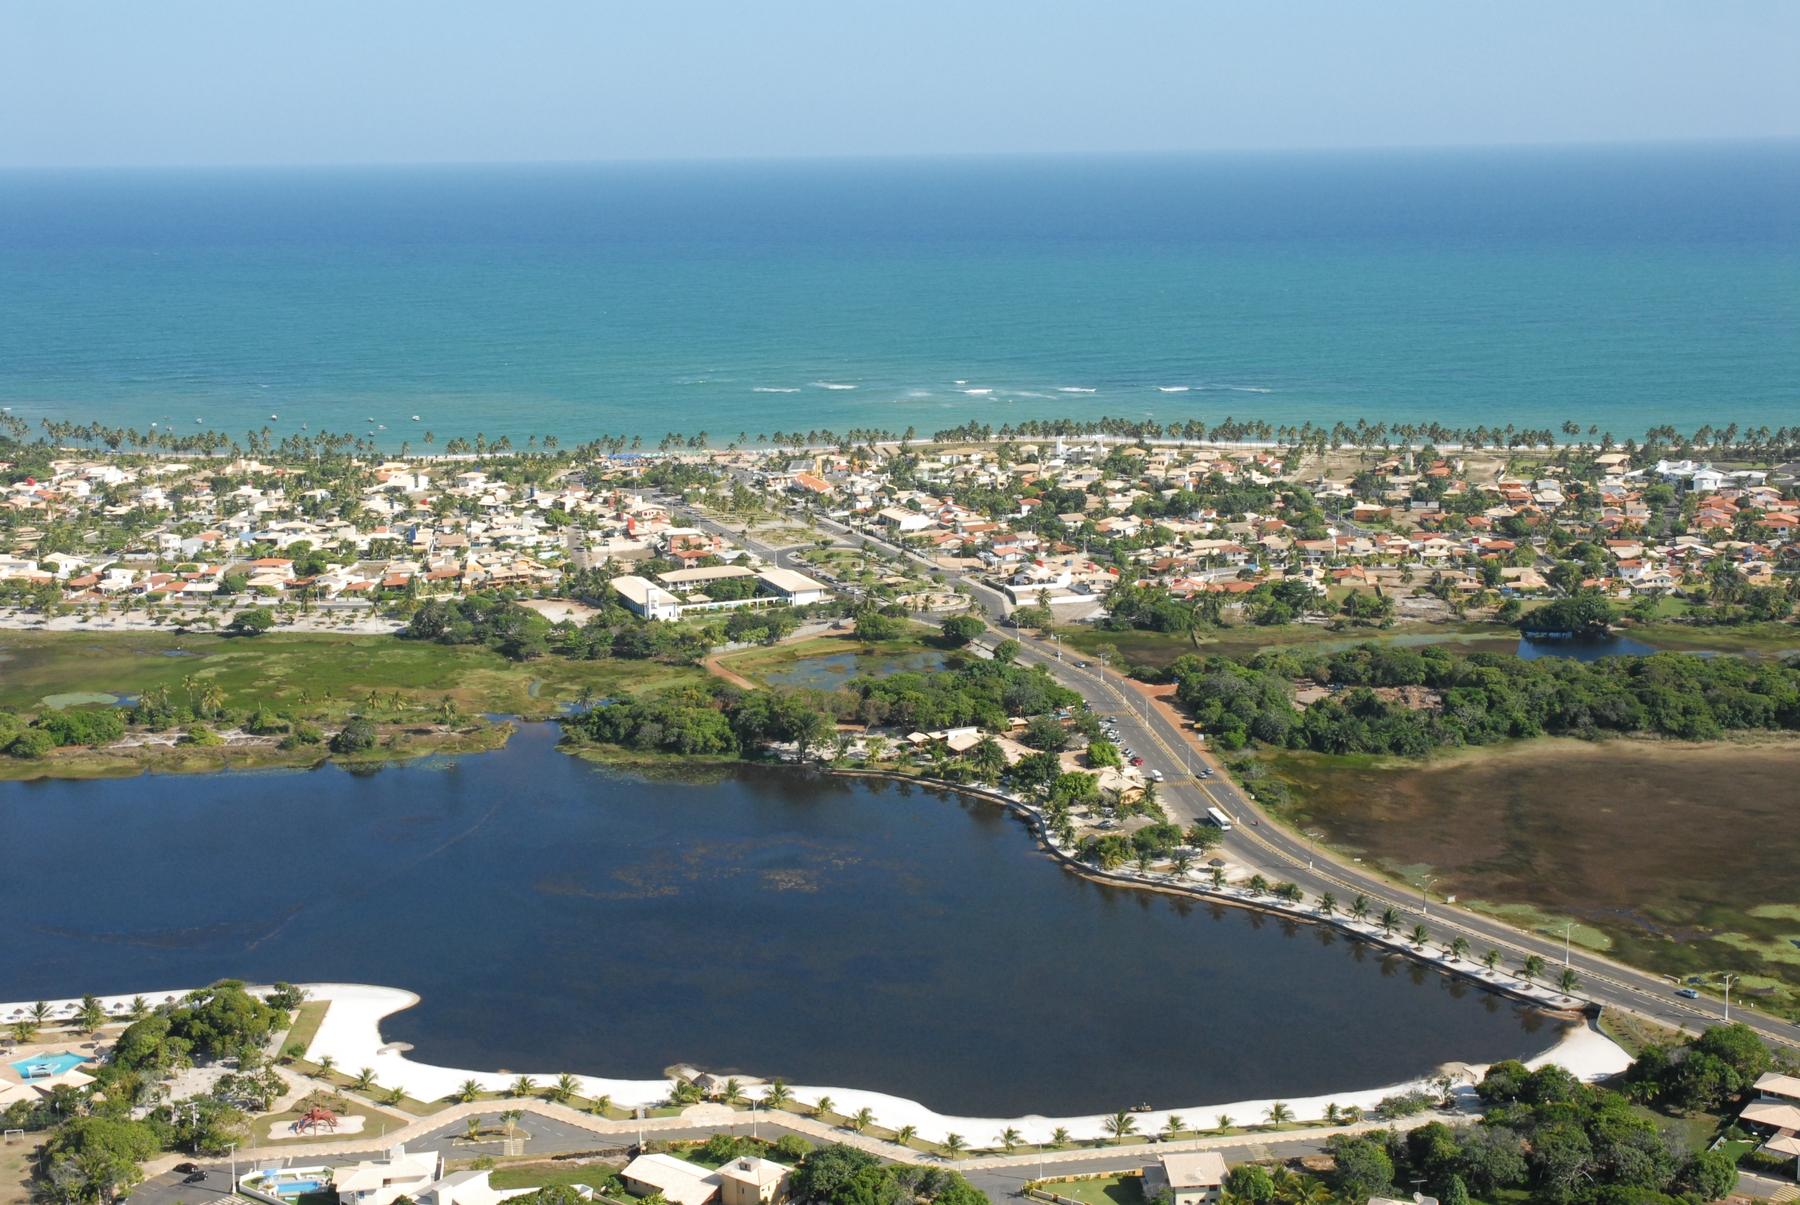 Vista aérea da Praia de Guarajuba em Camaçari na Bahia, a segunda praia baiana a conquistar o selo Bandeira Azul.